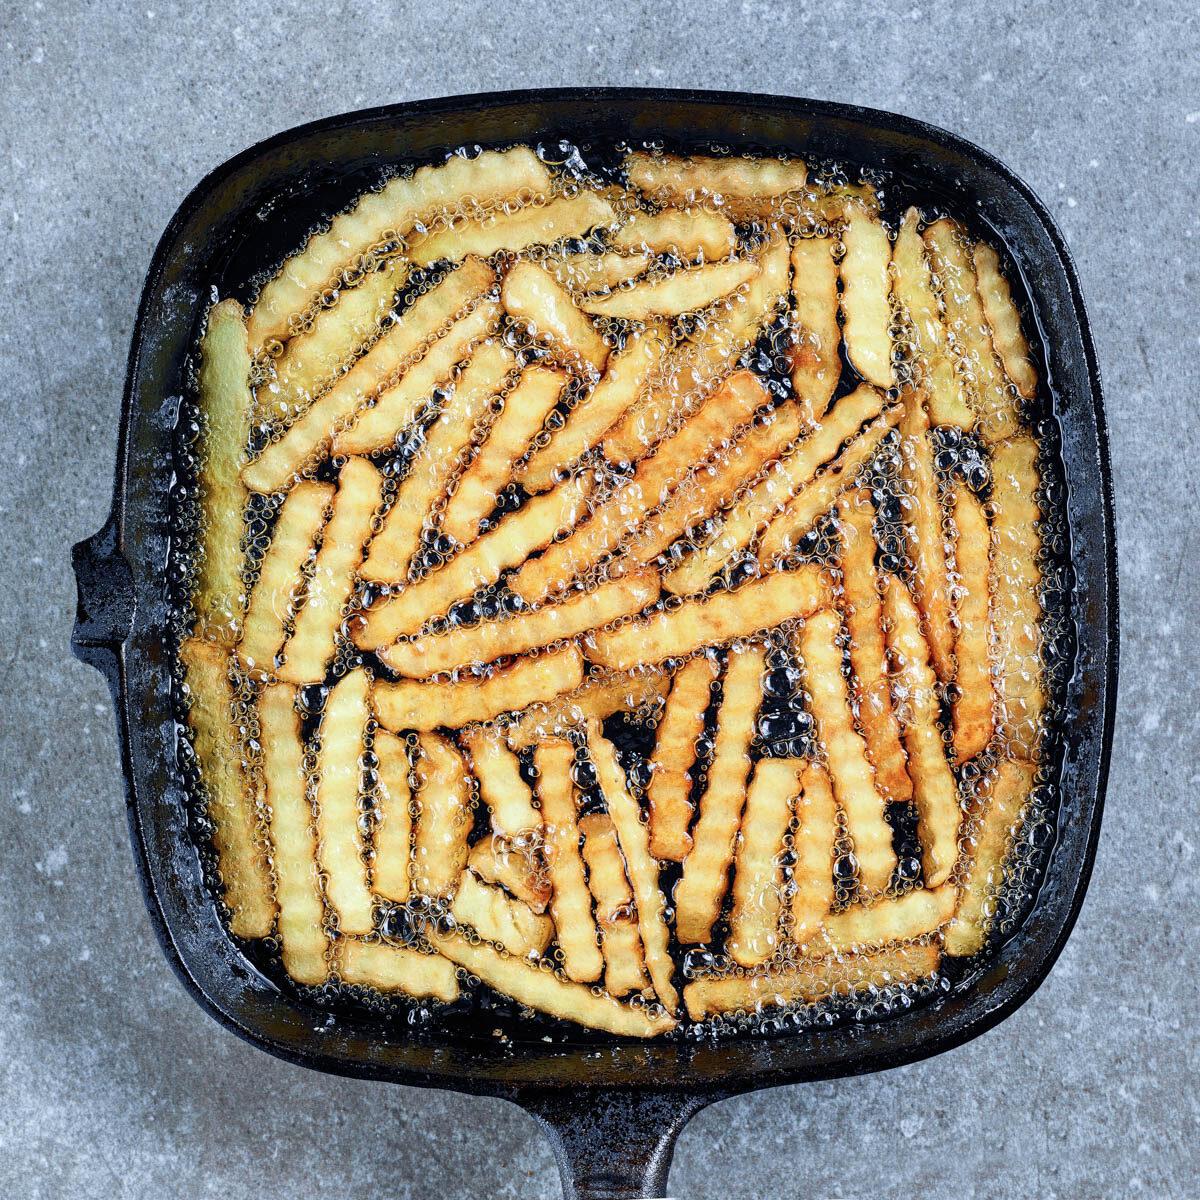 Crinkle fries in a frying pan in oil